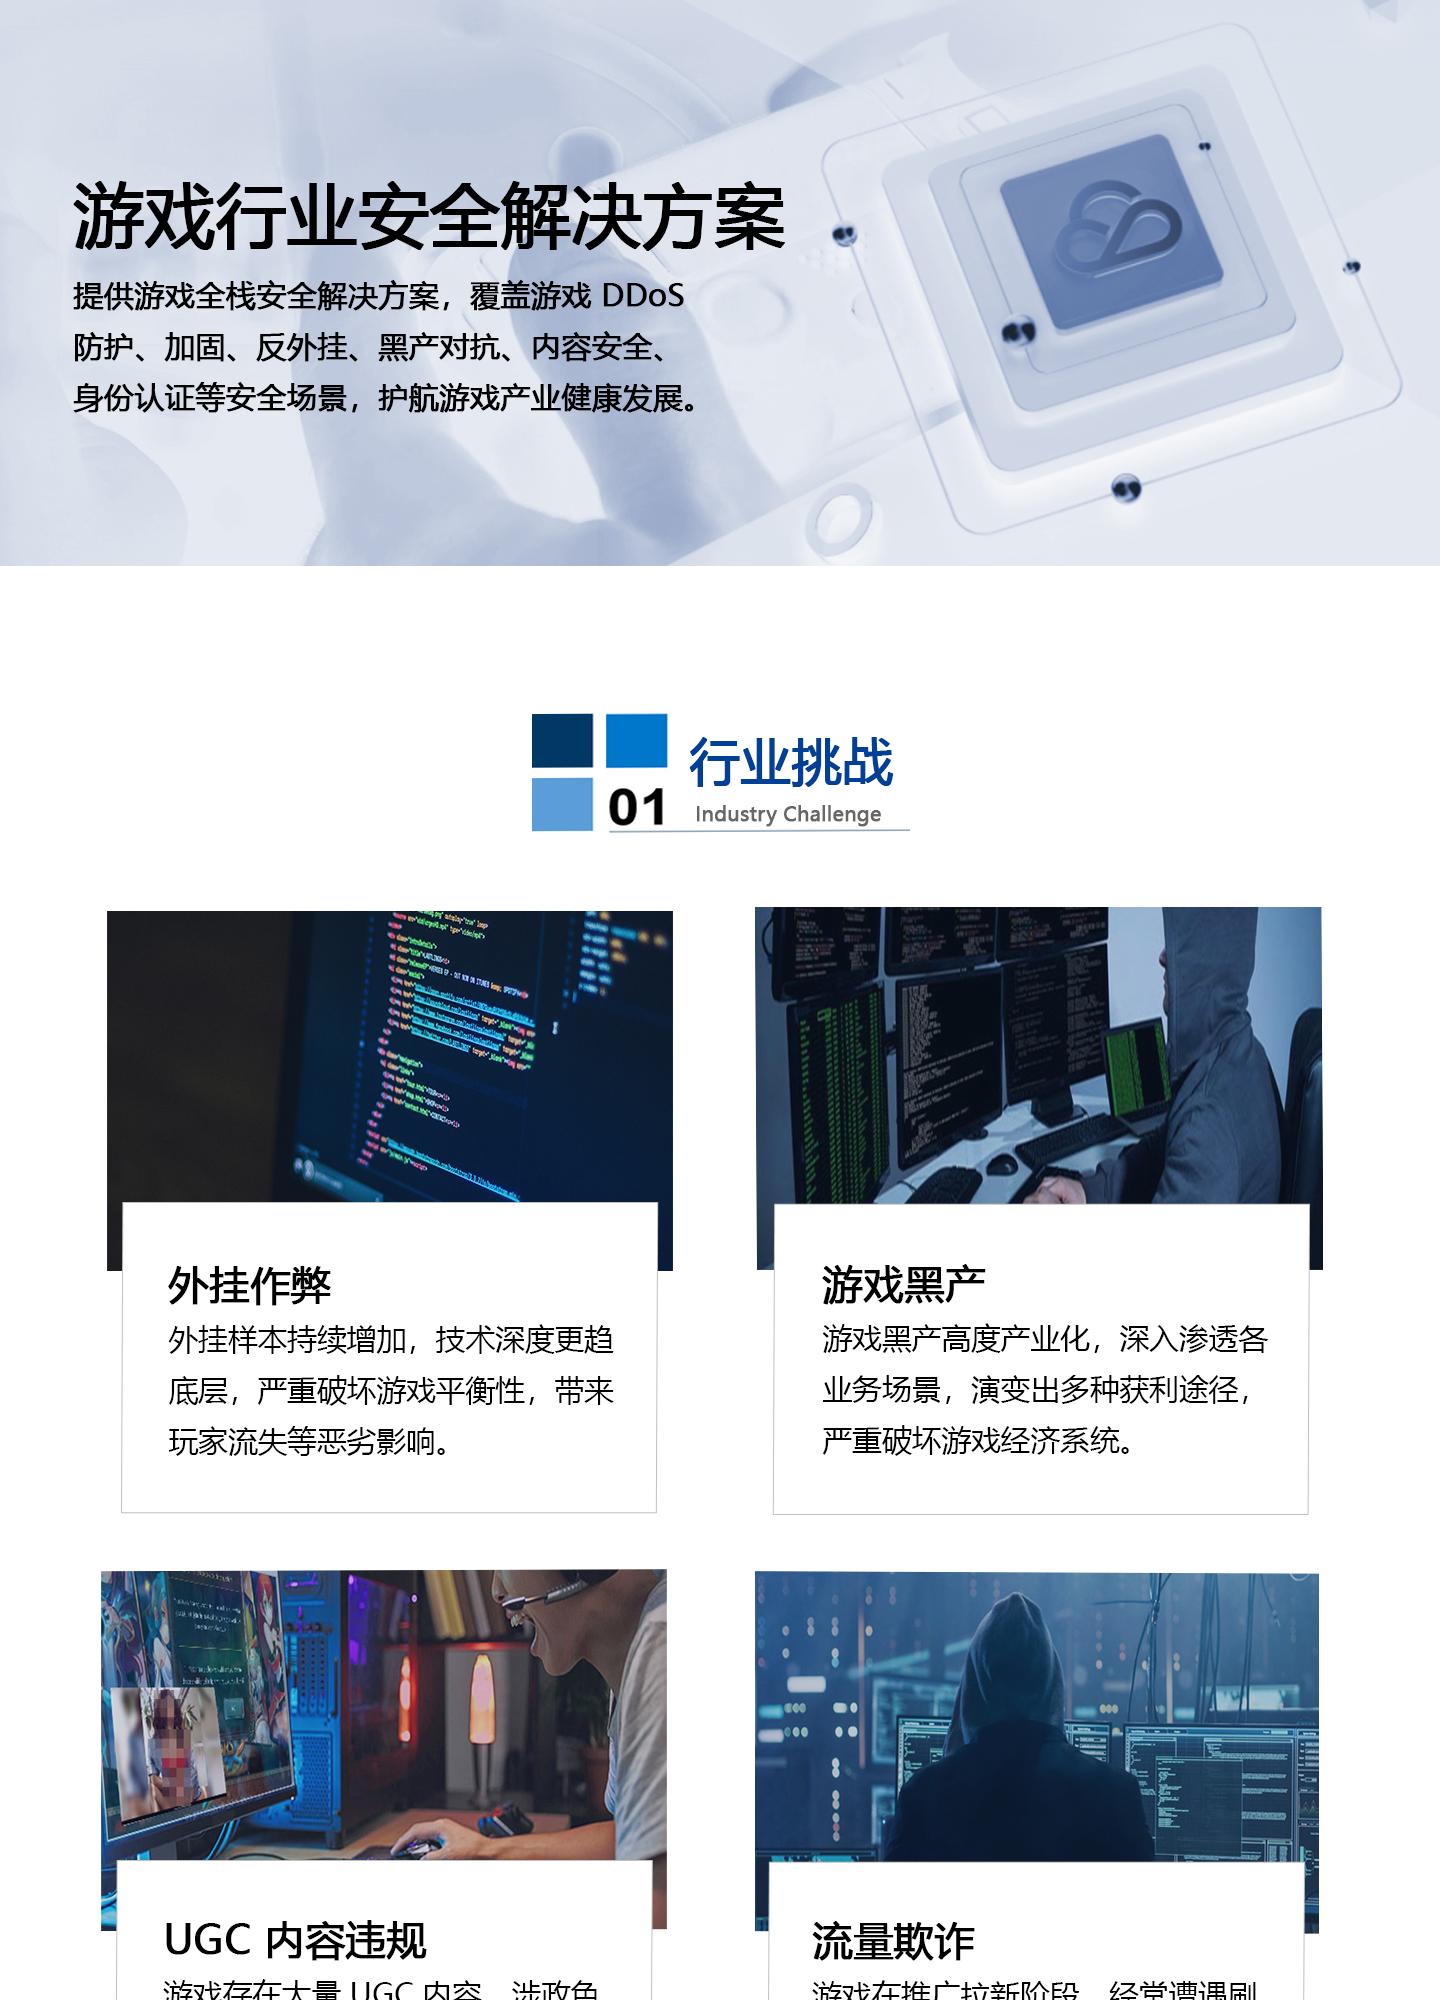 游戏行业安全解决方案1440_01.jpg